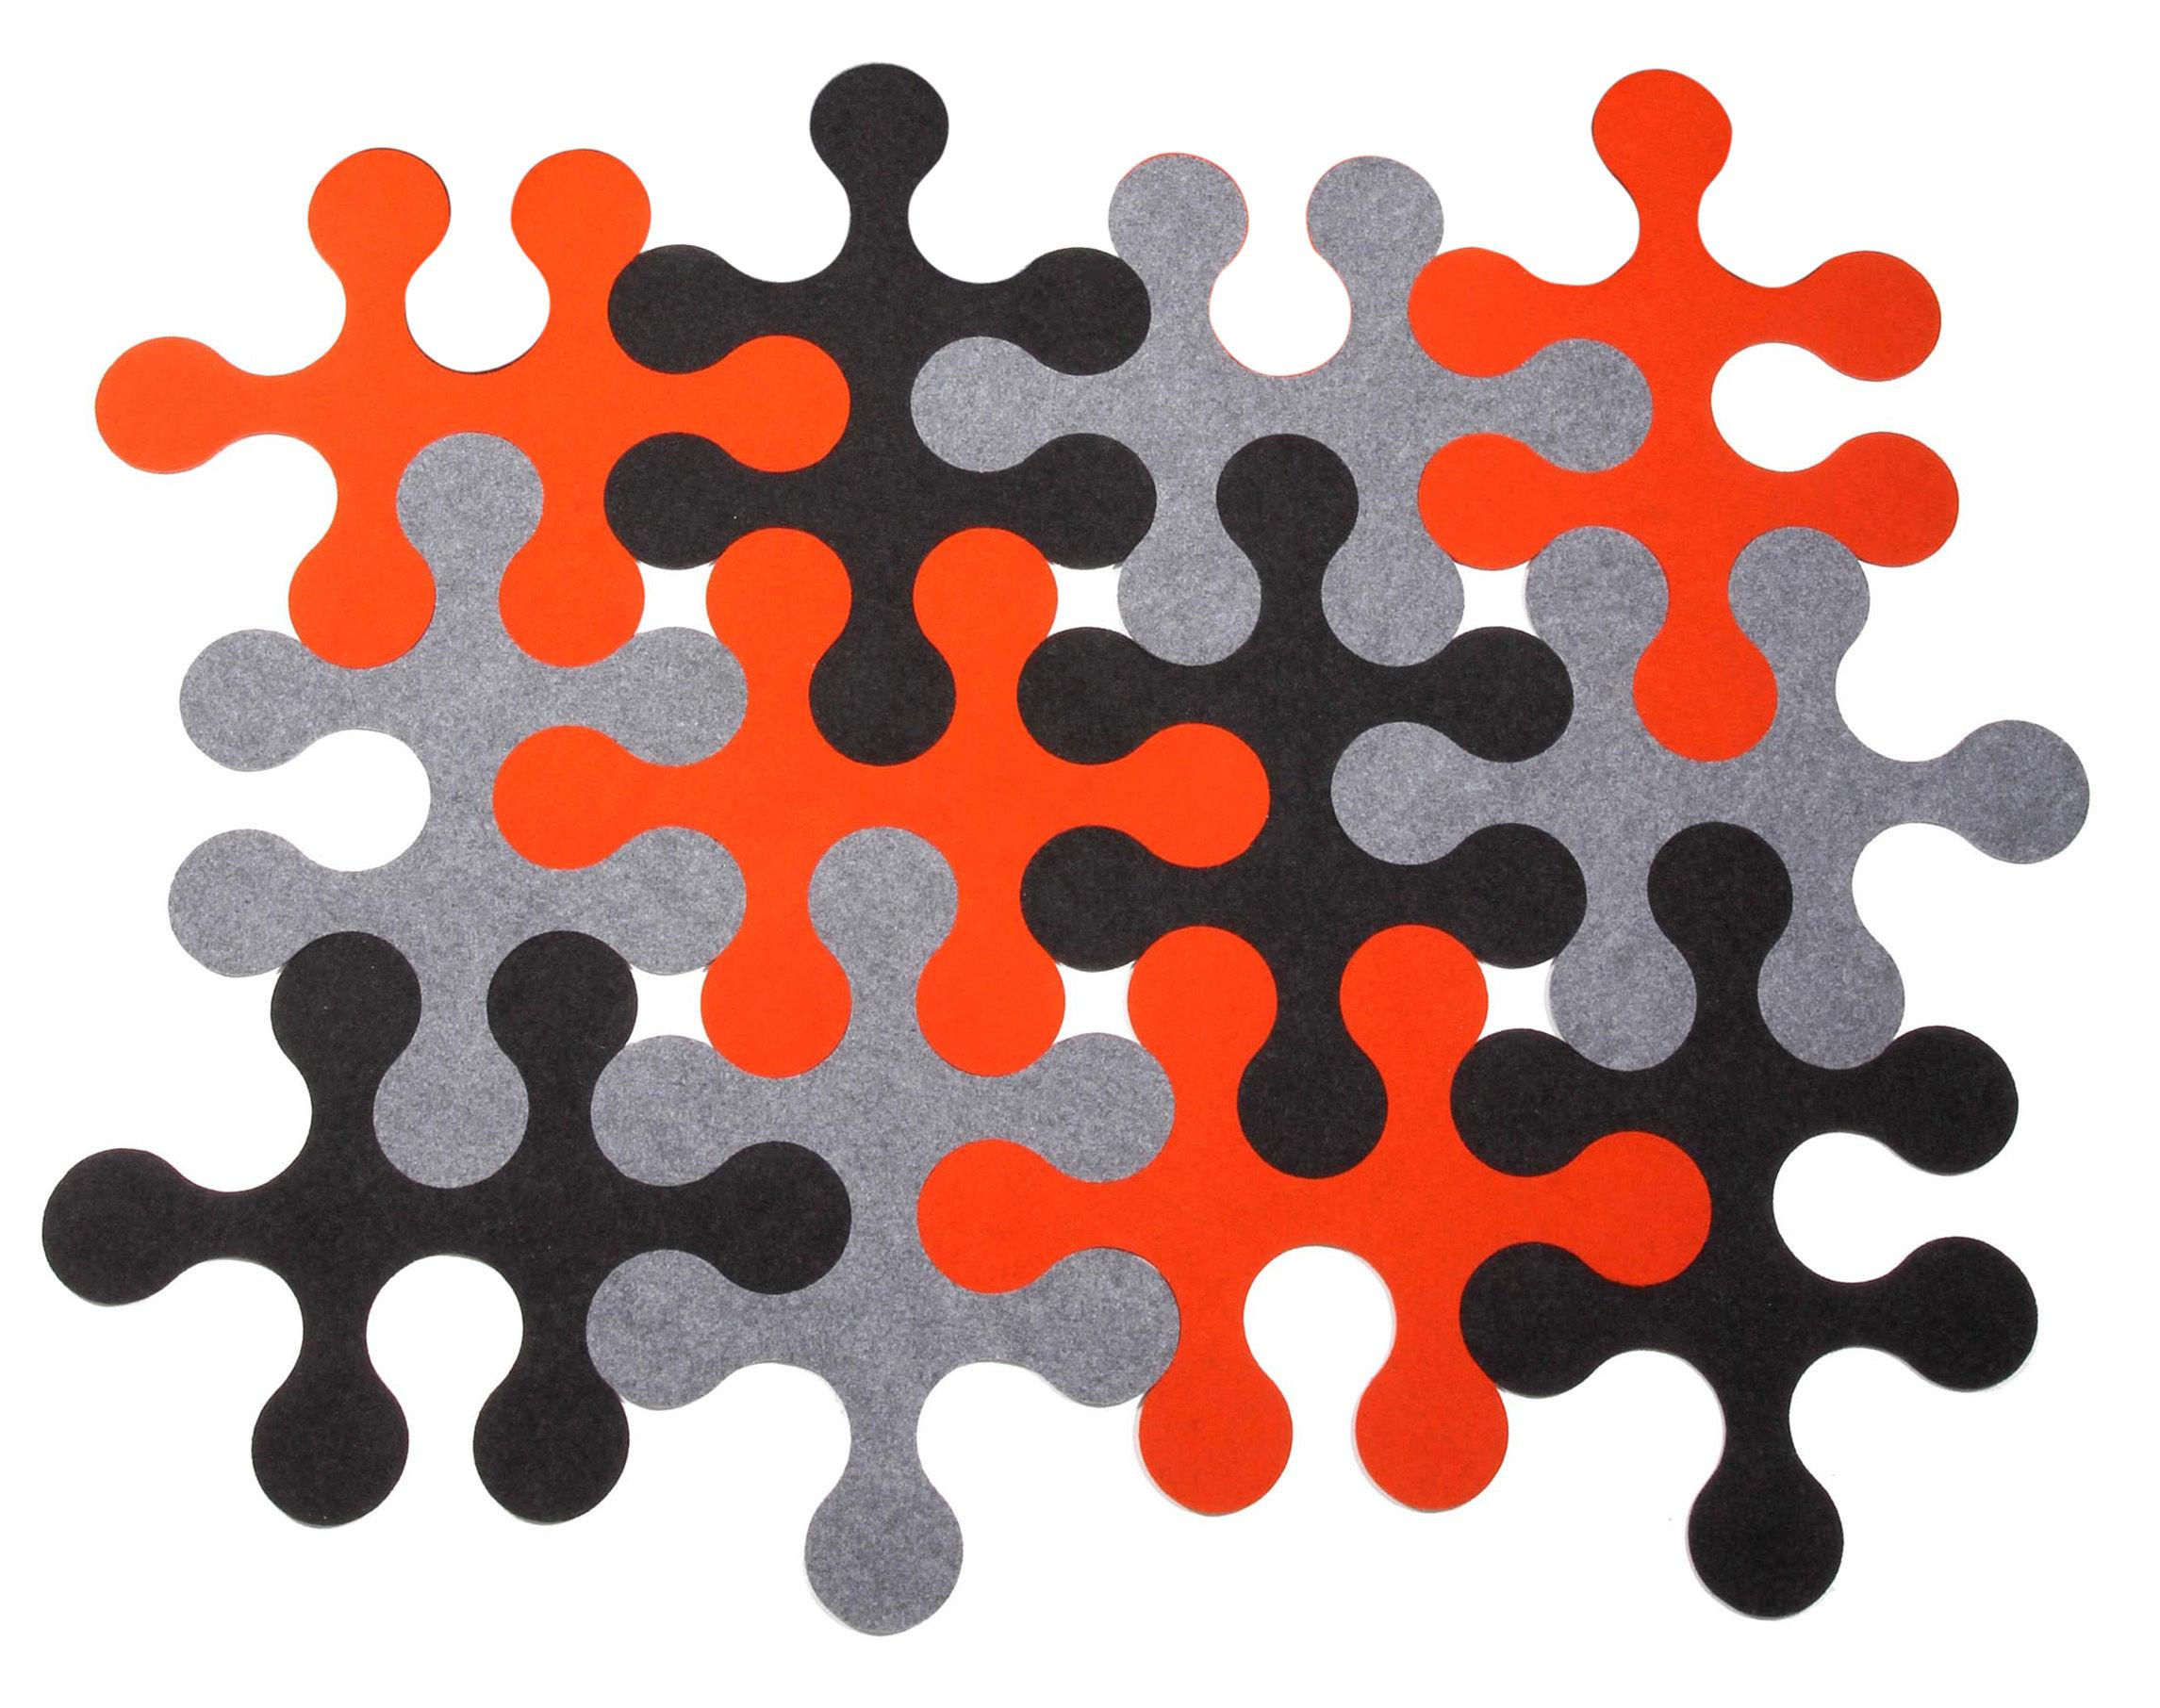 Tapis mol cules 12 pi ces 3 couleurs 3 couleurs anthracite gris orang - Tapis gris et orange ...